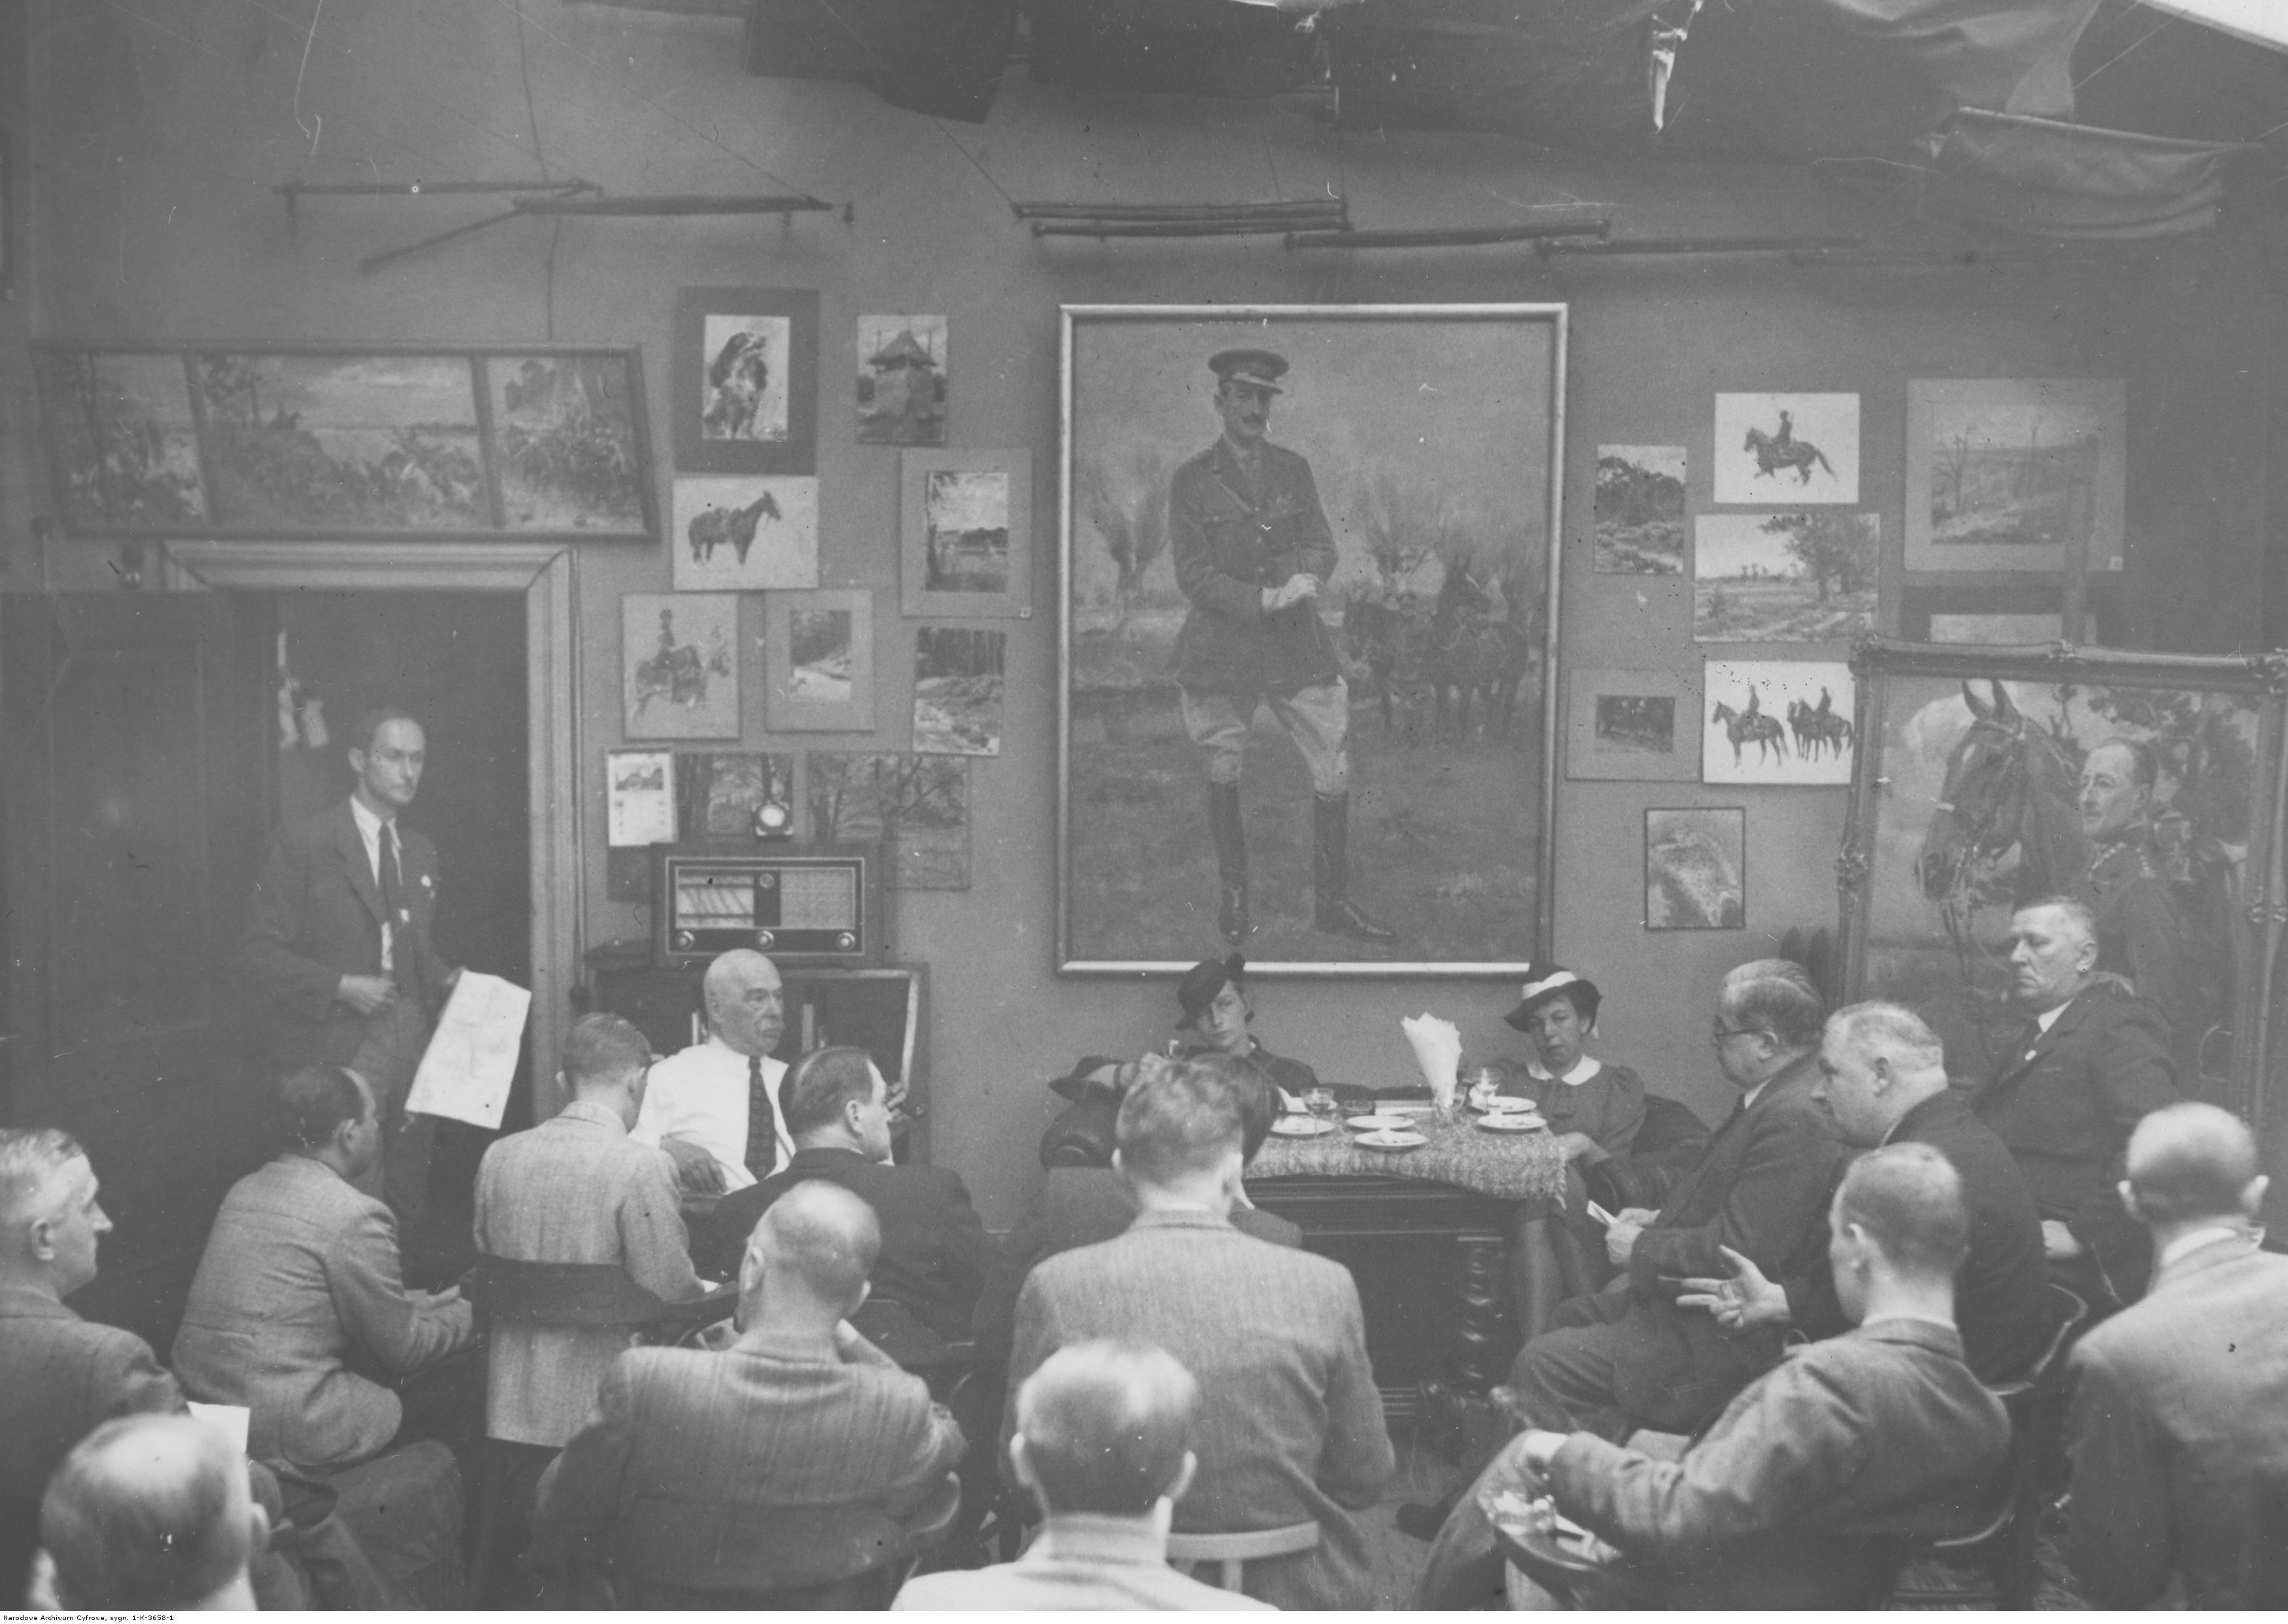 Konferencja prasowa w sprawie Panoramy Bitwy Grochowskiej w domu artysty malarza Wojciecha Kossaka w Krakowie, 1938 rok, źródło: Narodowe Archiwum Cyfrowe